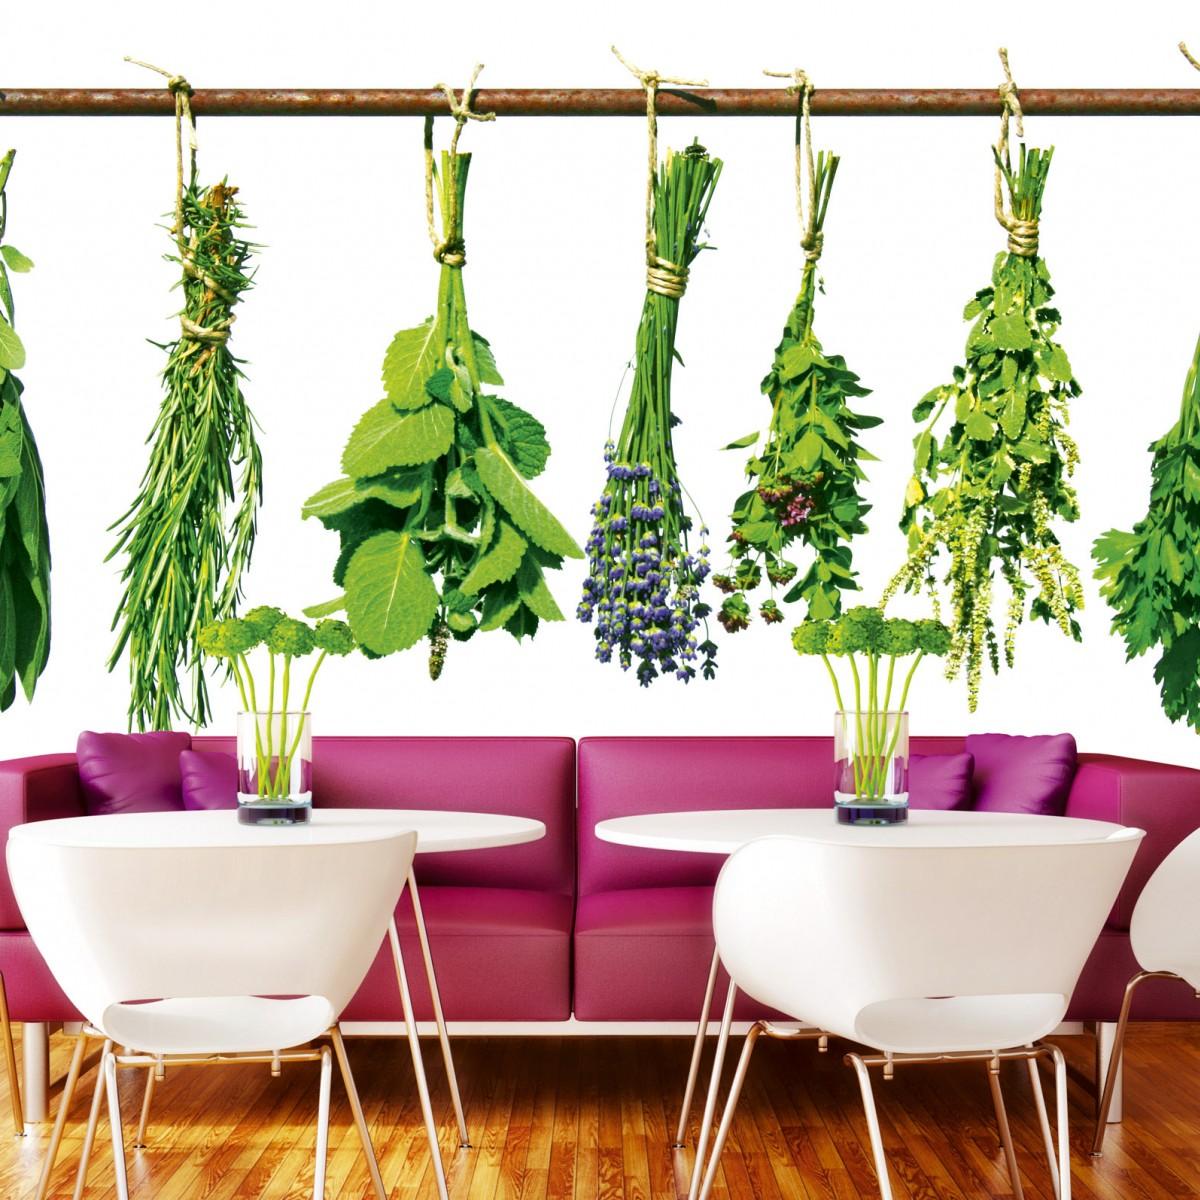 Foto tapet 3D Herbs, Dimex, 5 fâșii, 375 x 250cm